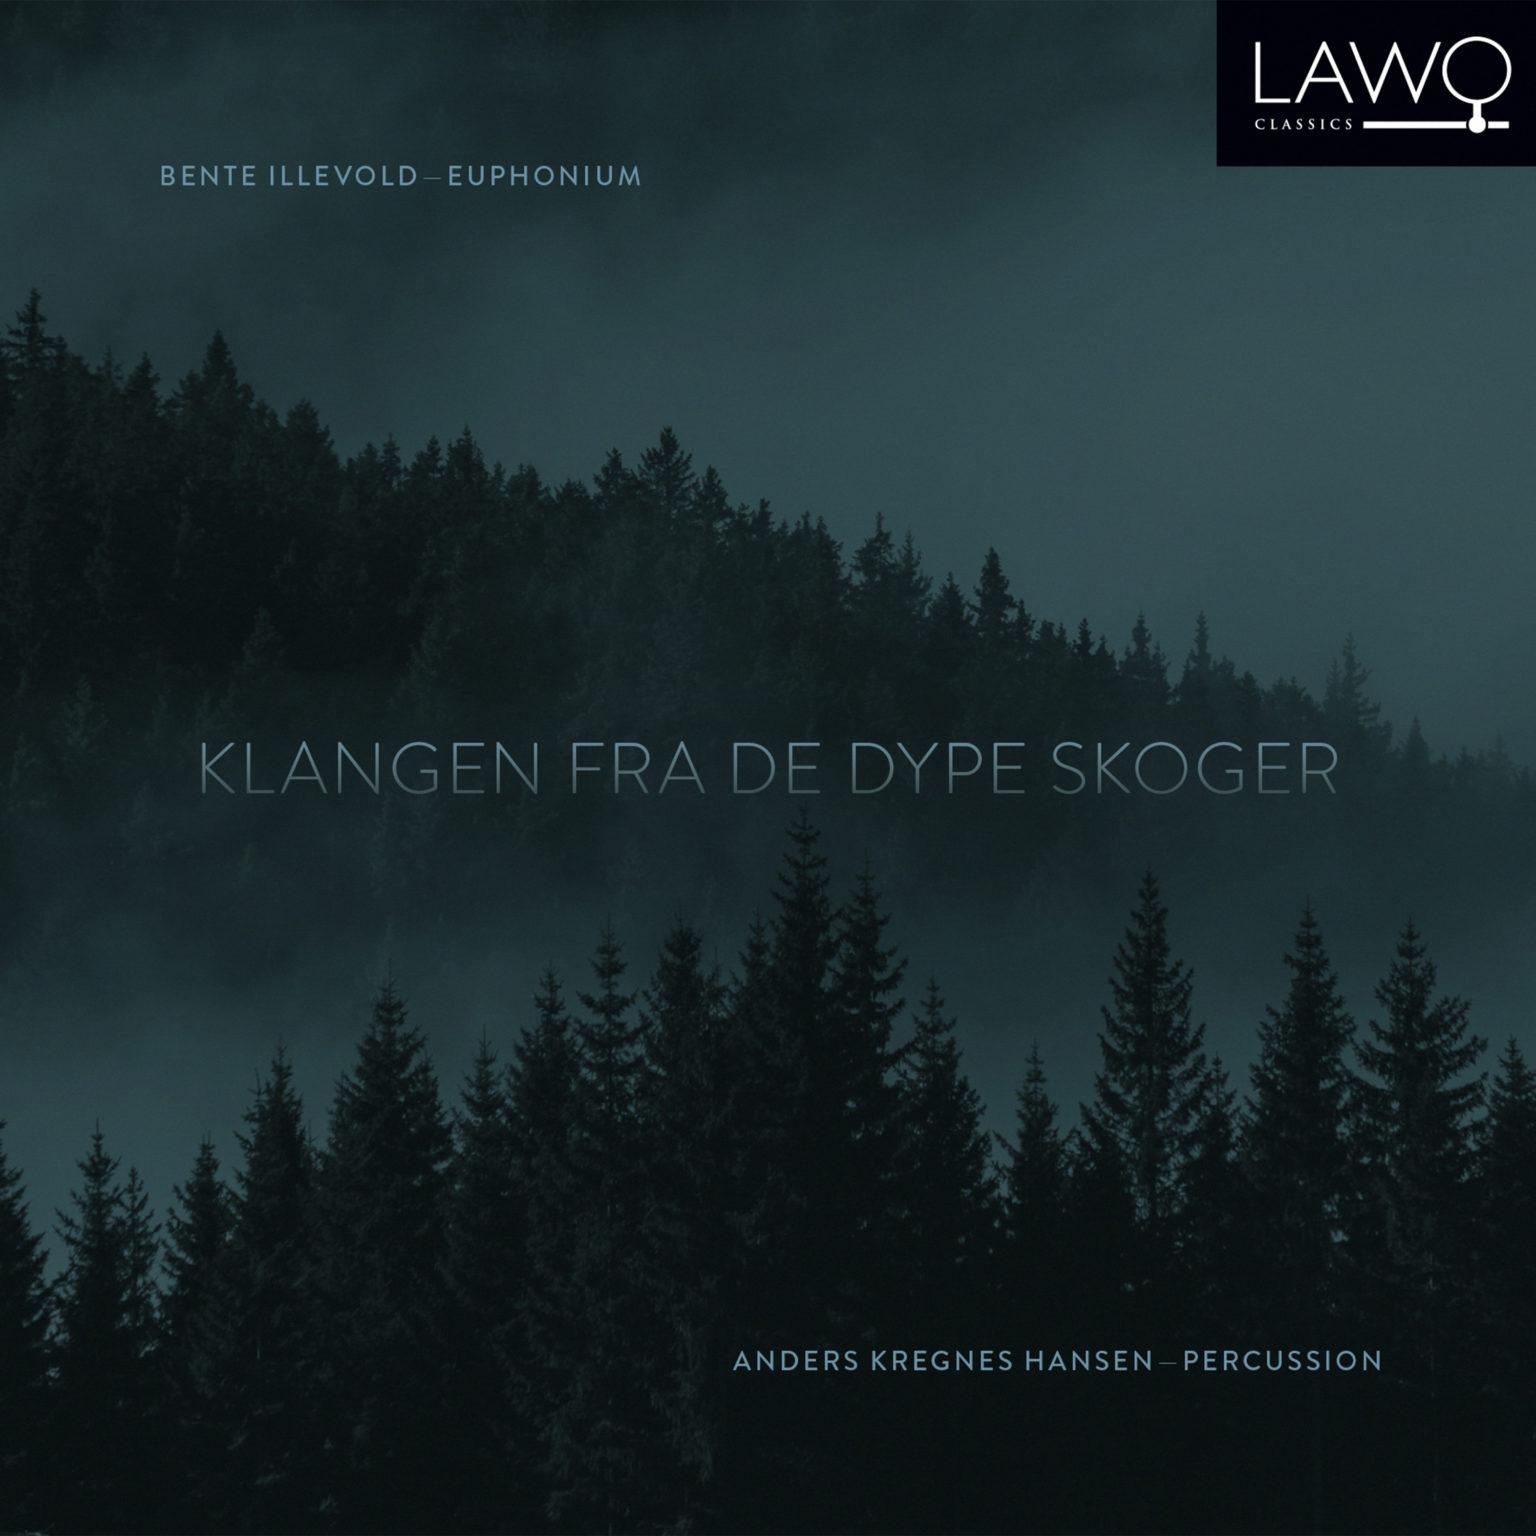 Click image for larger version.  Name:LWC1195_Bente_Illevold_Klangen_fra_de_dype_skoger_cover_3000x3000px-1536x1536.jpg Views:308 Size:174.8 KB ID:7720